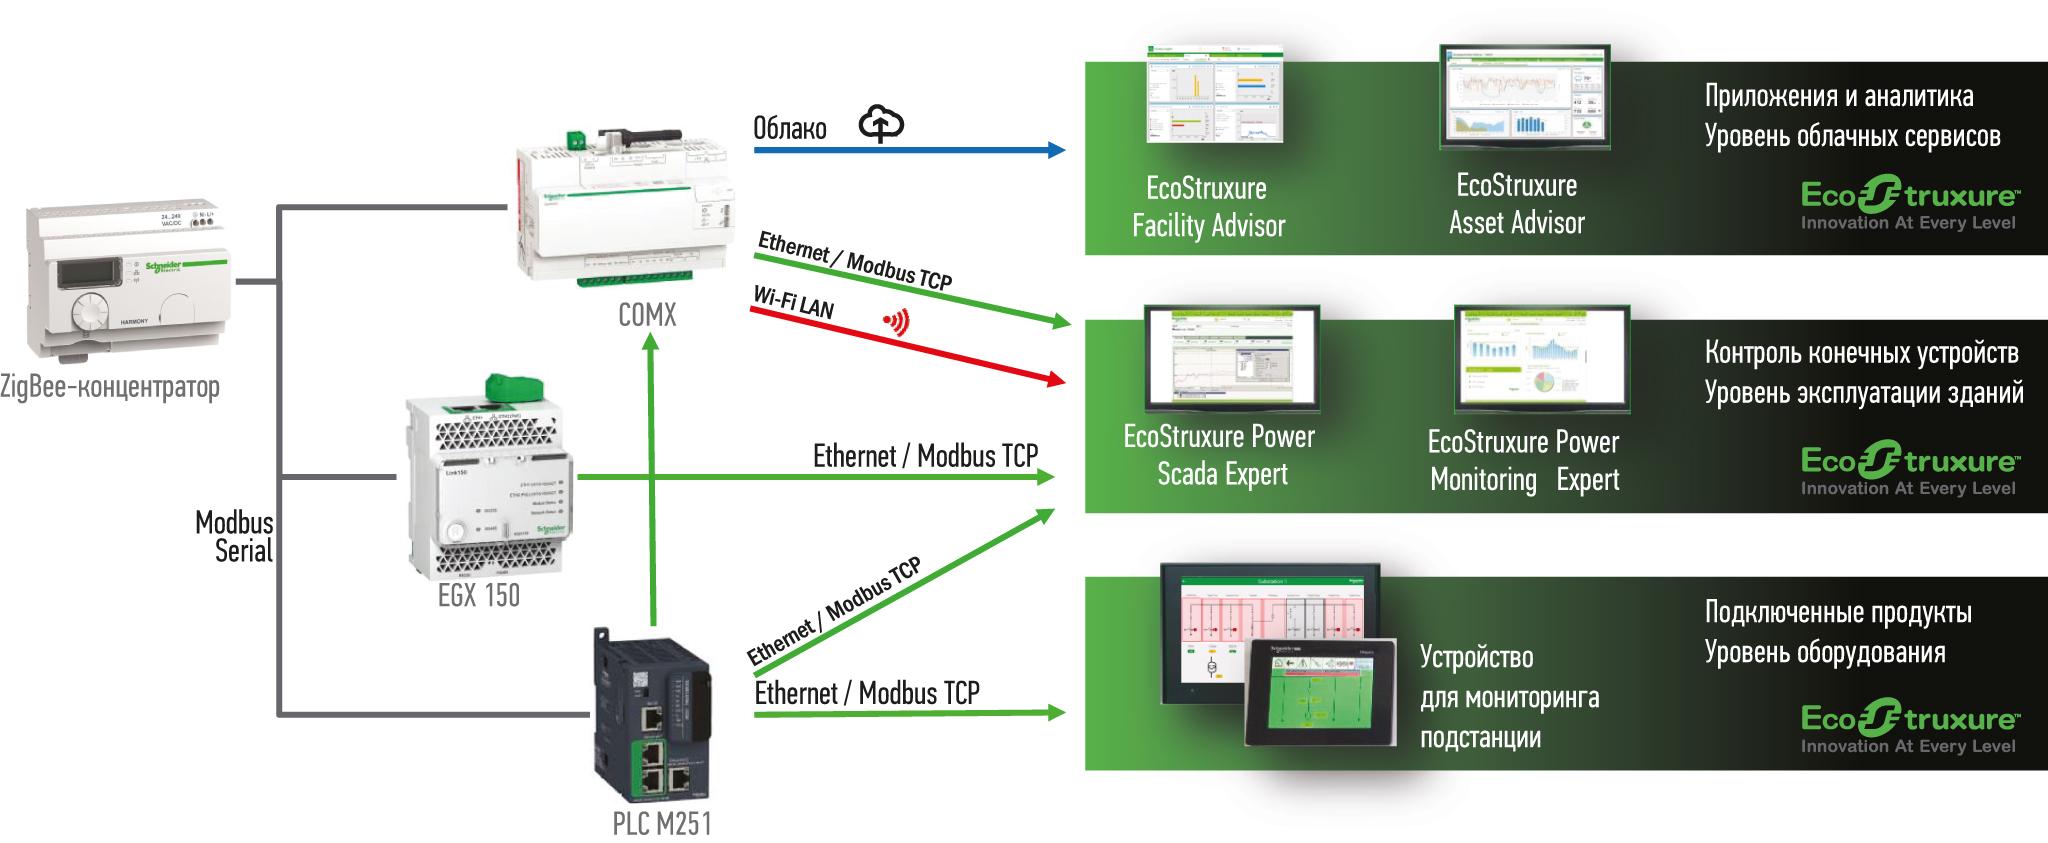 Схема передачи информации в решения для мониторинга